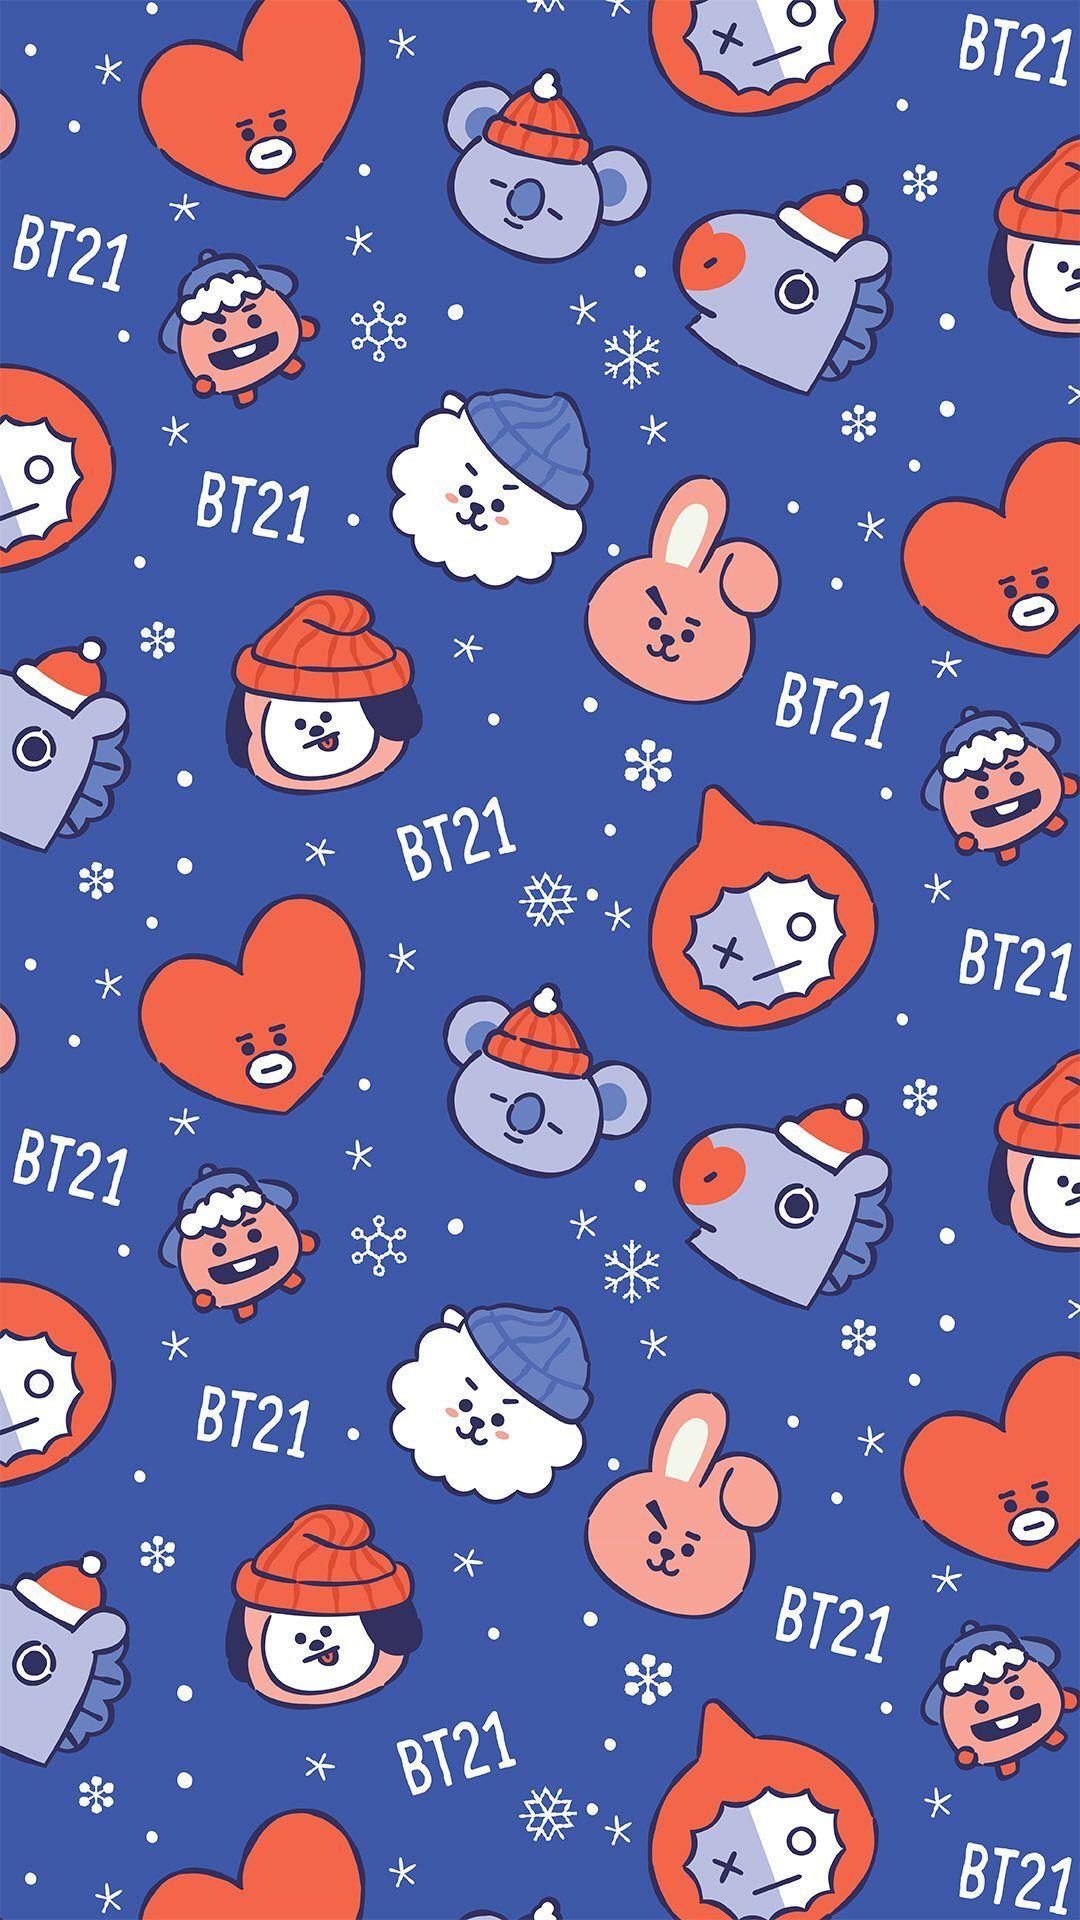 Let It Snow Wallpaper Bt21 Bts Christmas Bts Wallpaper Funny Christmas Wallpaper